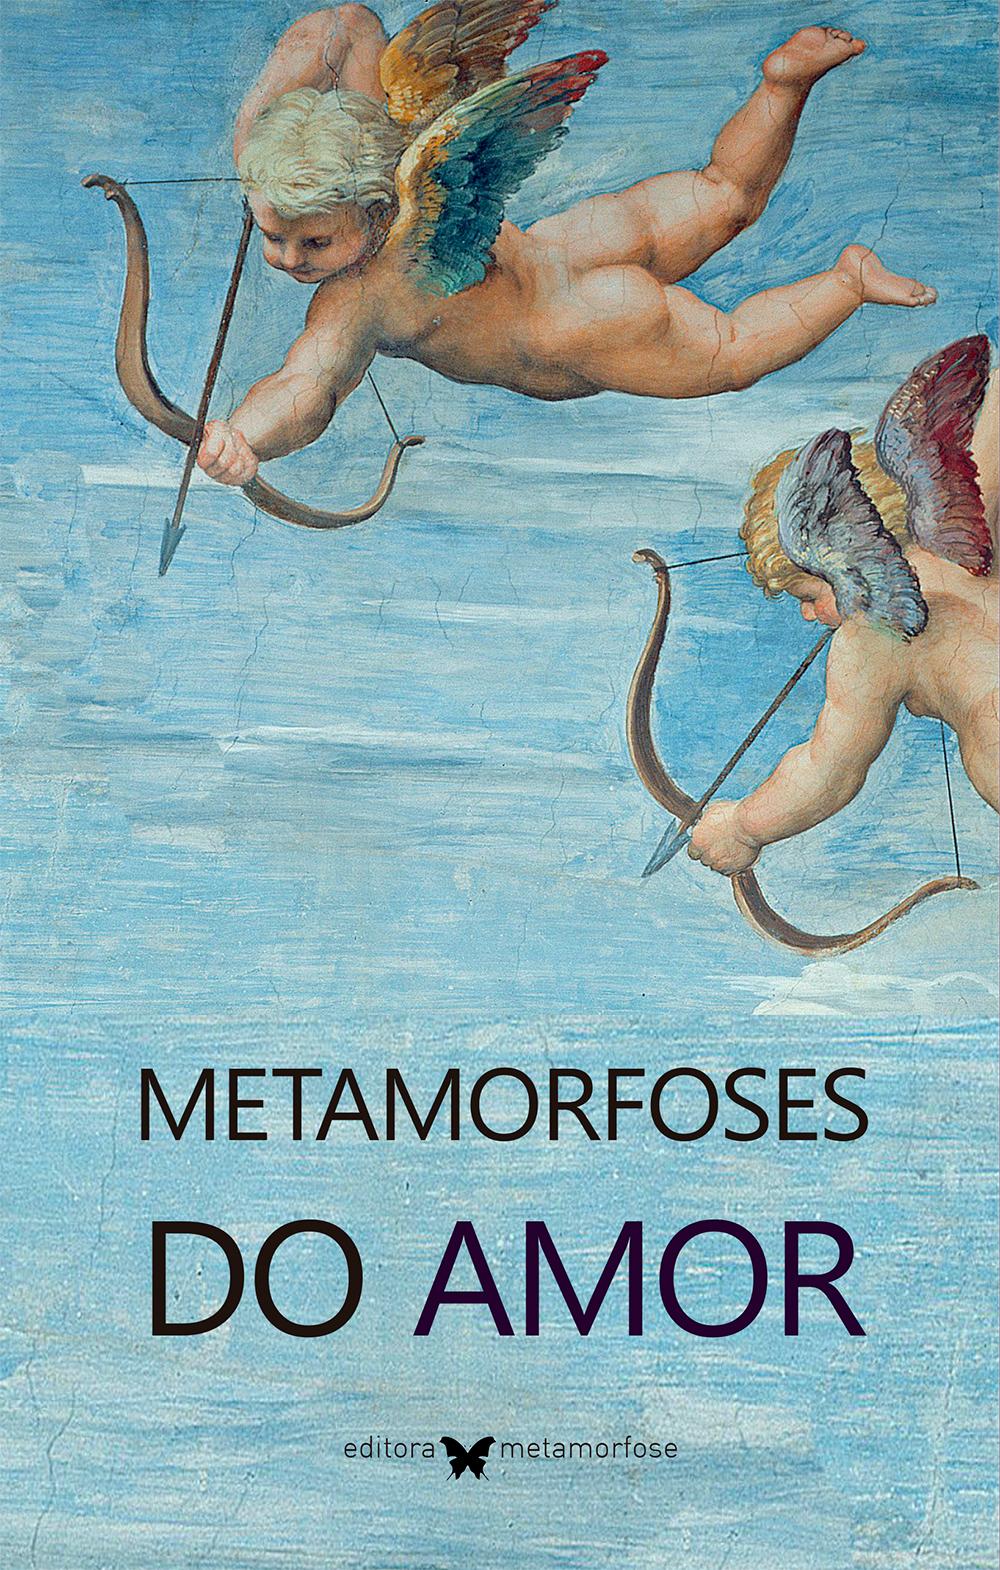 Antologia Metamorfoses do Amor, da Editora Metamorfose.